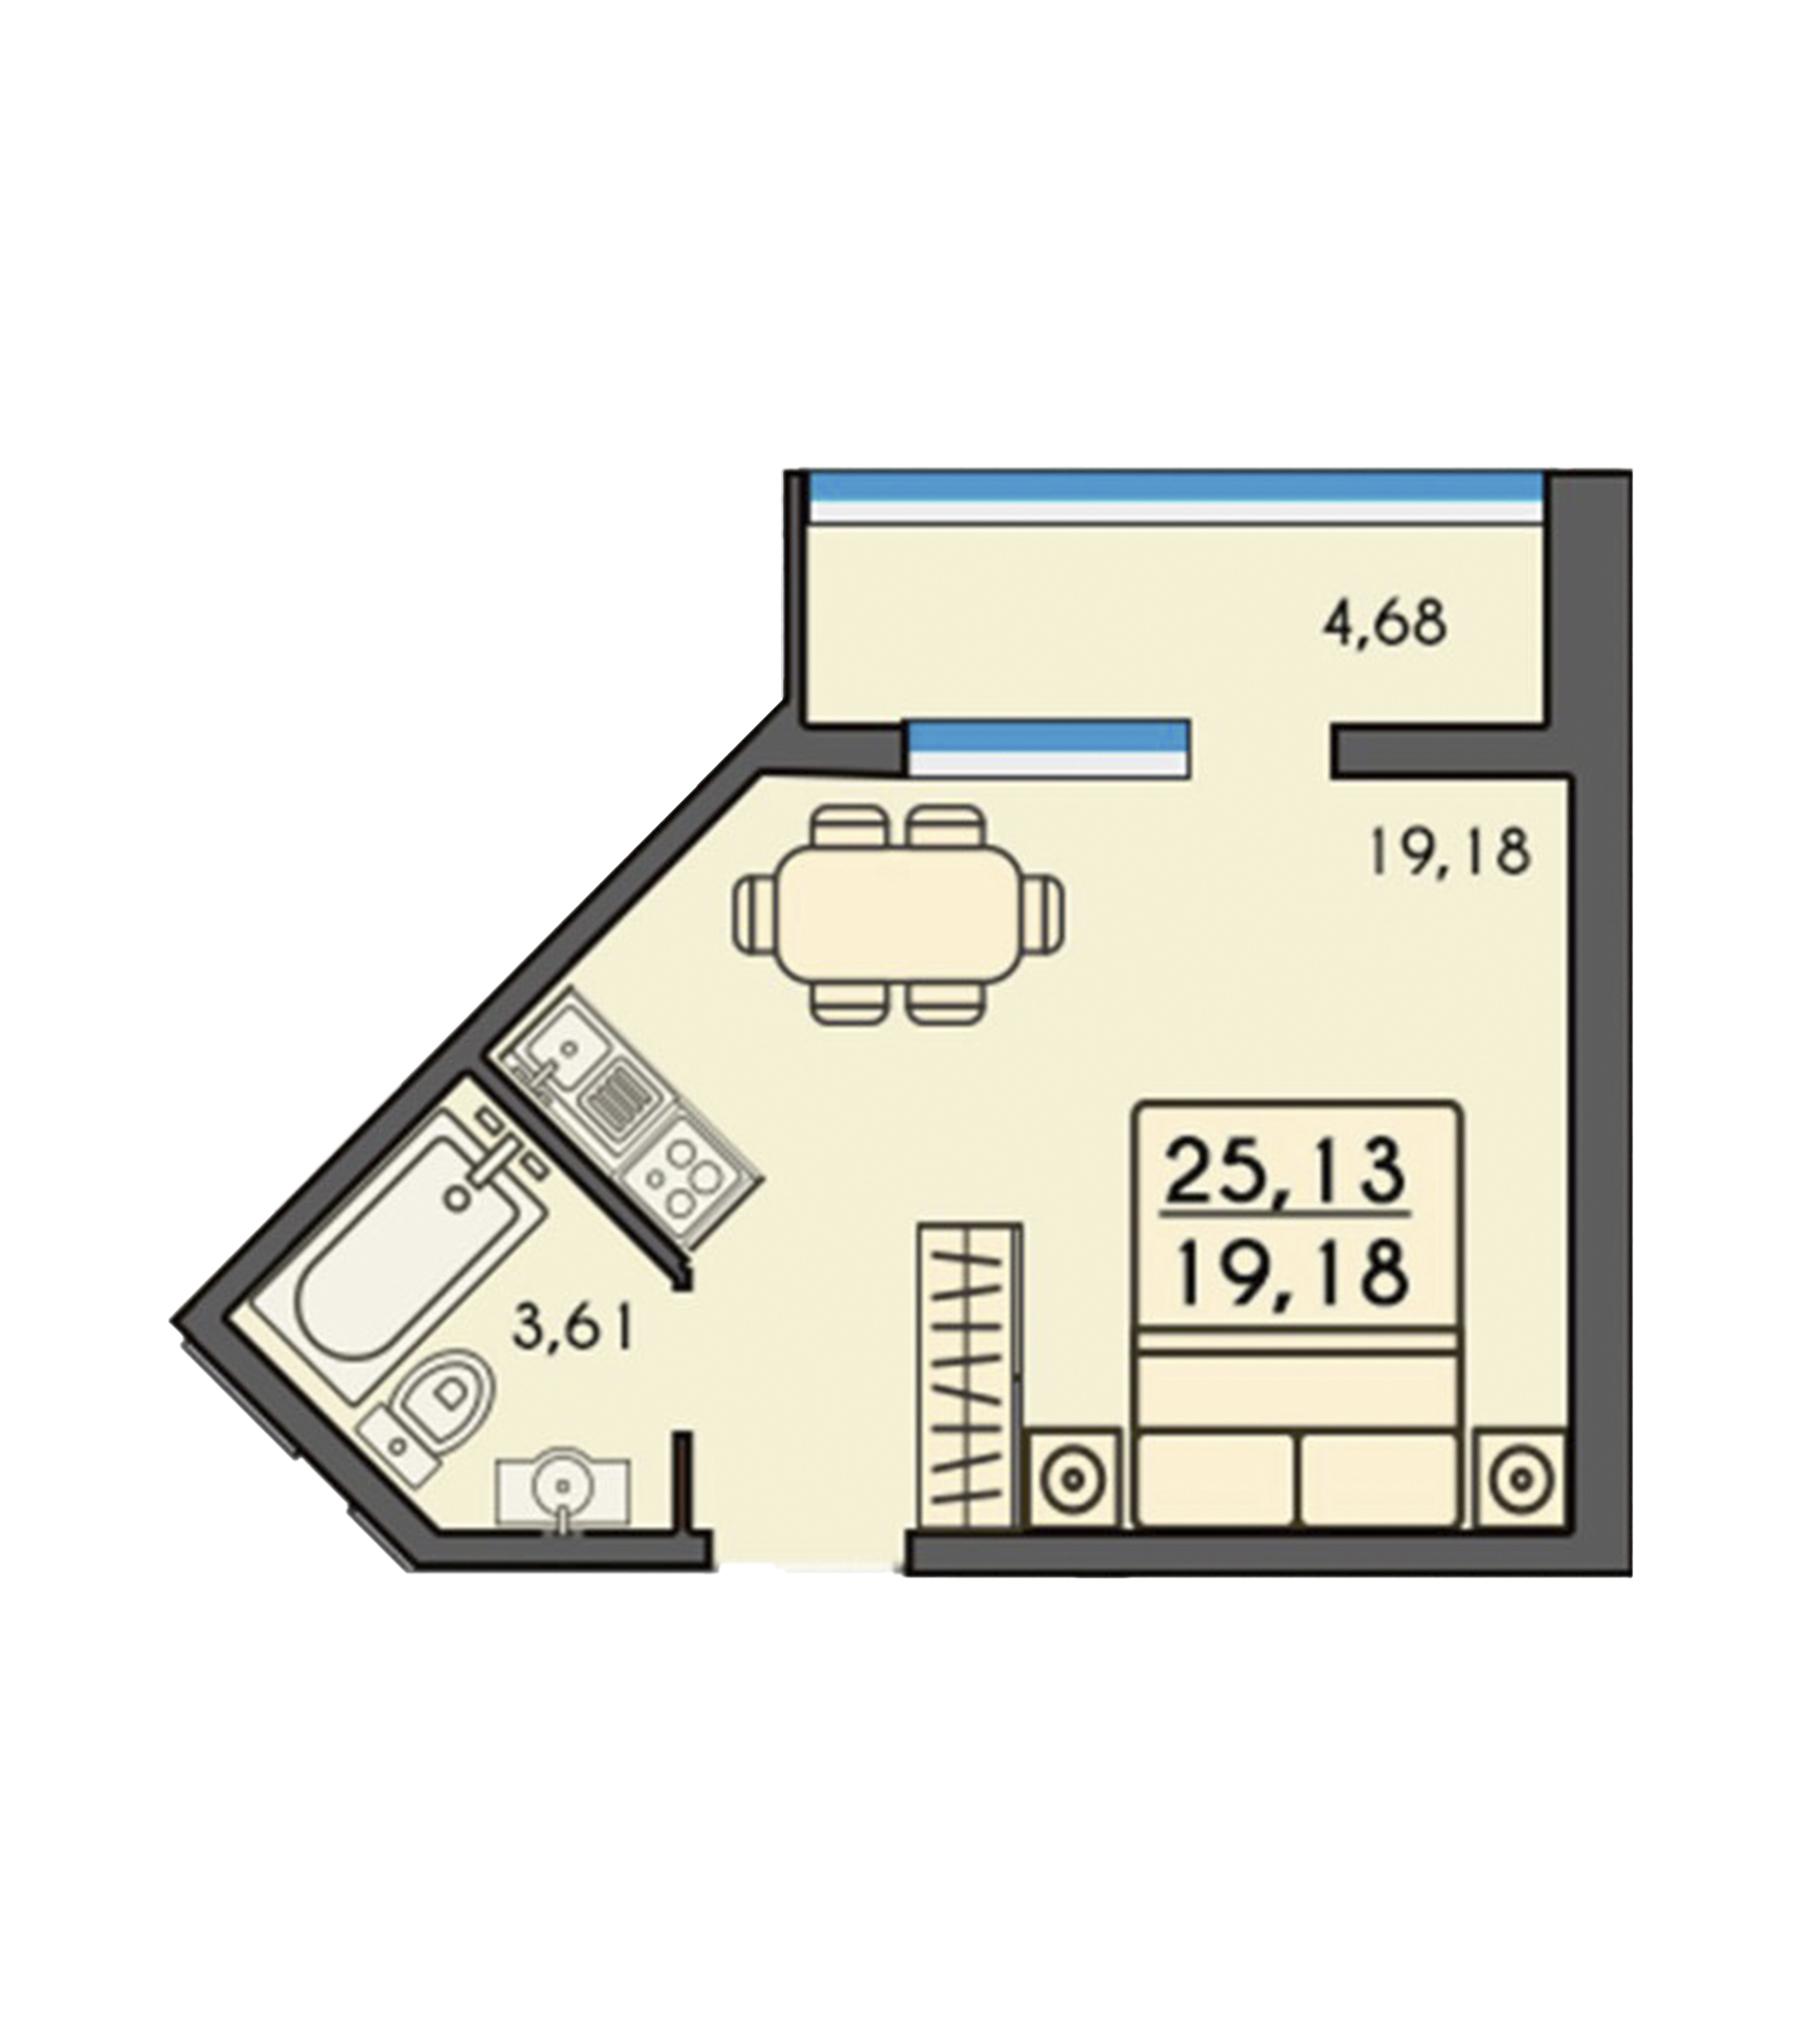 Однокімнатна квартира 25,13м2